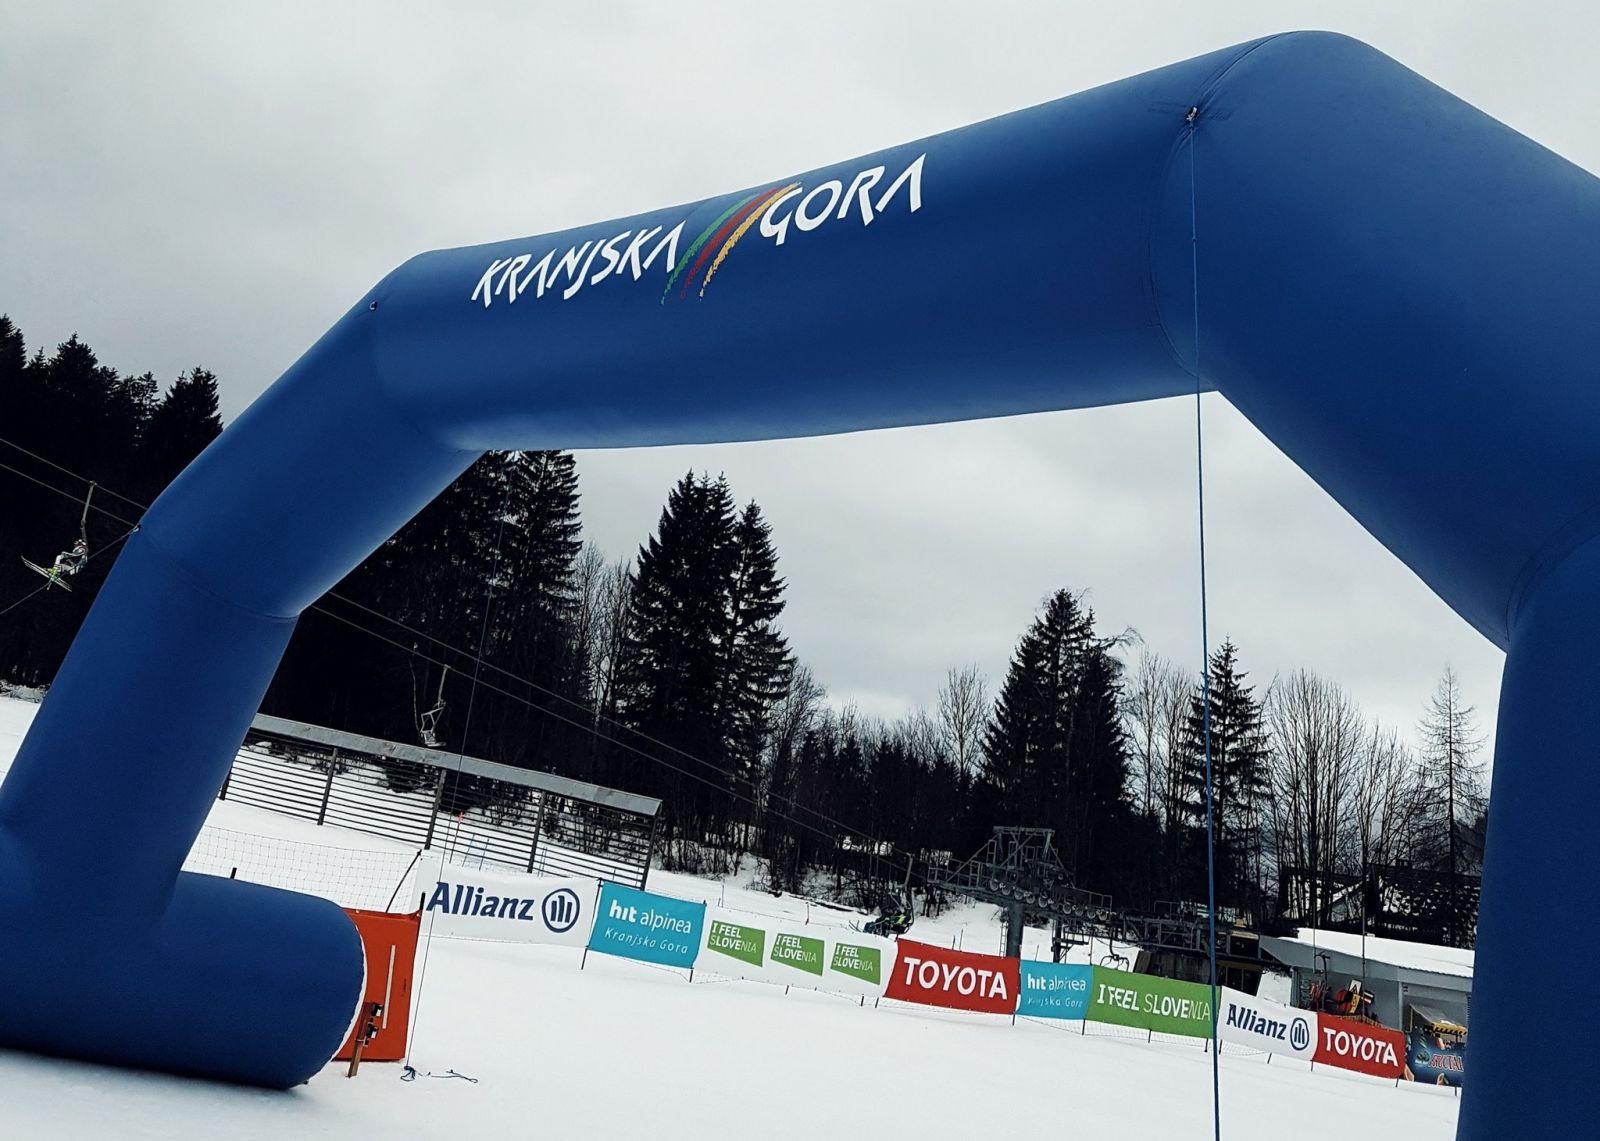 2 золотые медали принес российским спортсменам 1 день 4 этапа Кубка мира по горнолыжному спорту среди лиц с ПОДА и нарушением зрения